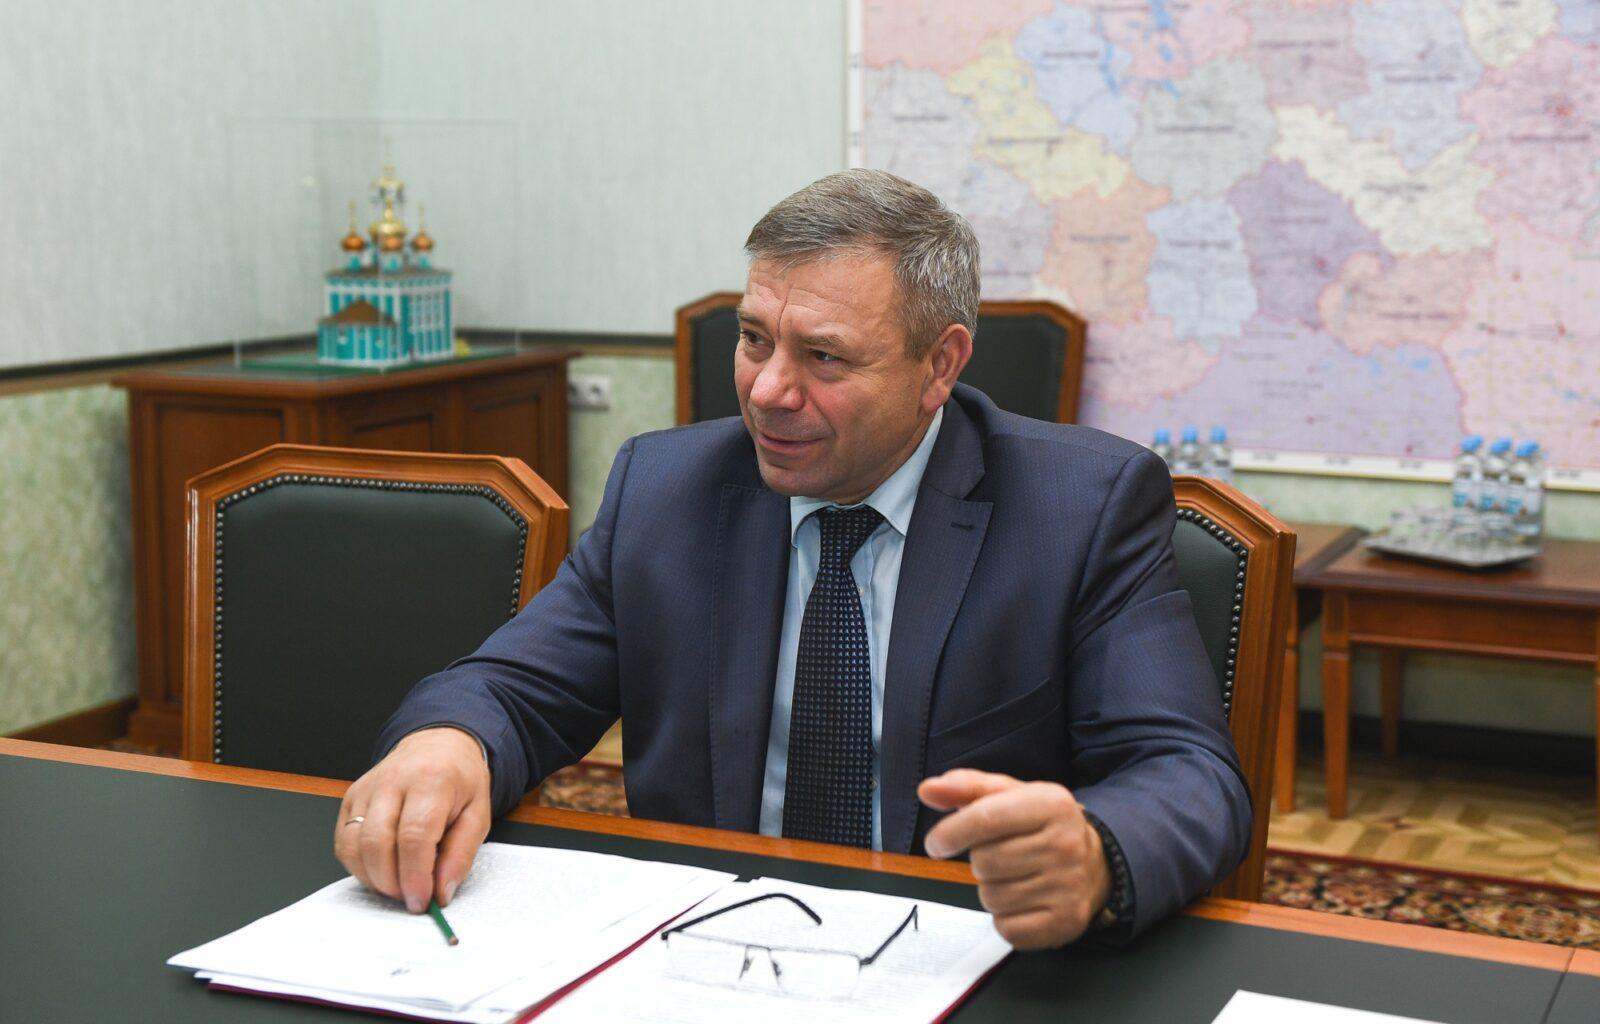 Константин Ильин: Теперь мы можем браться за капитальные дорожные проекты